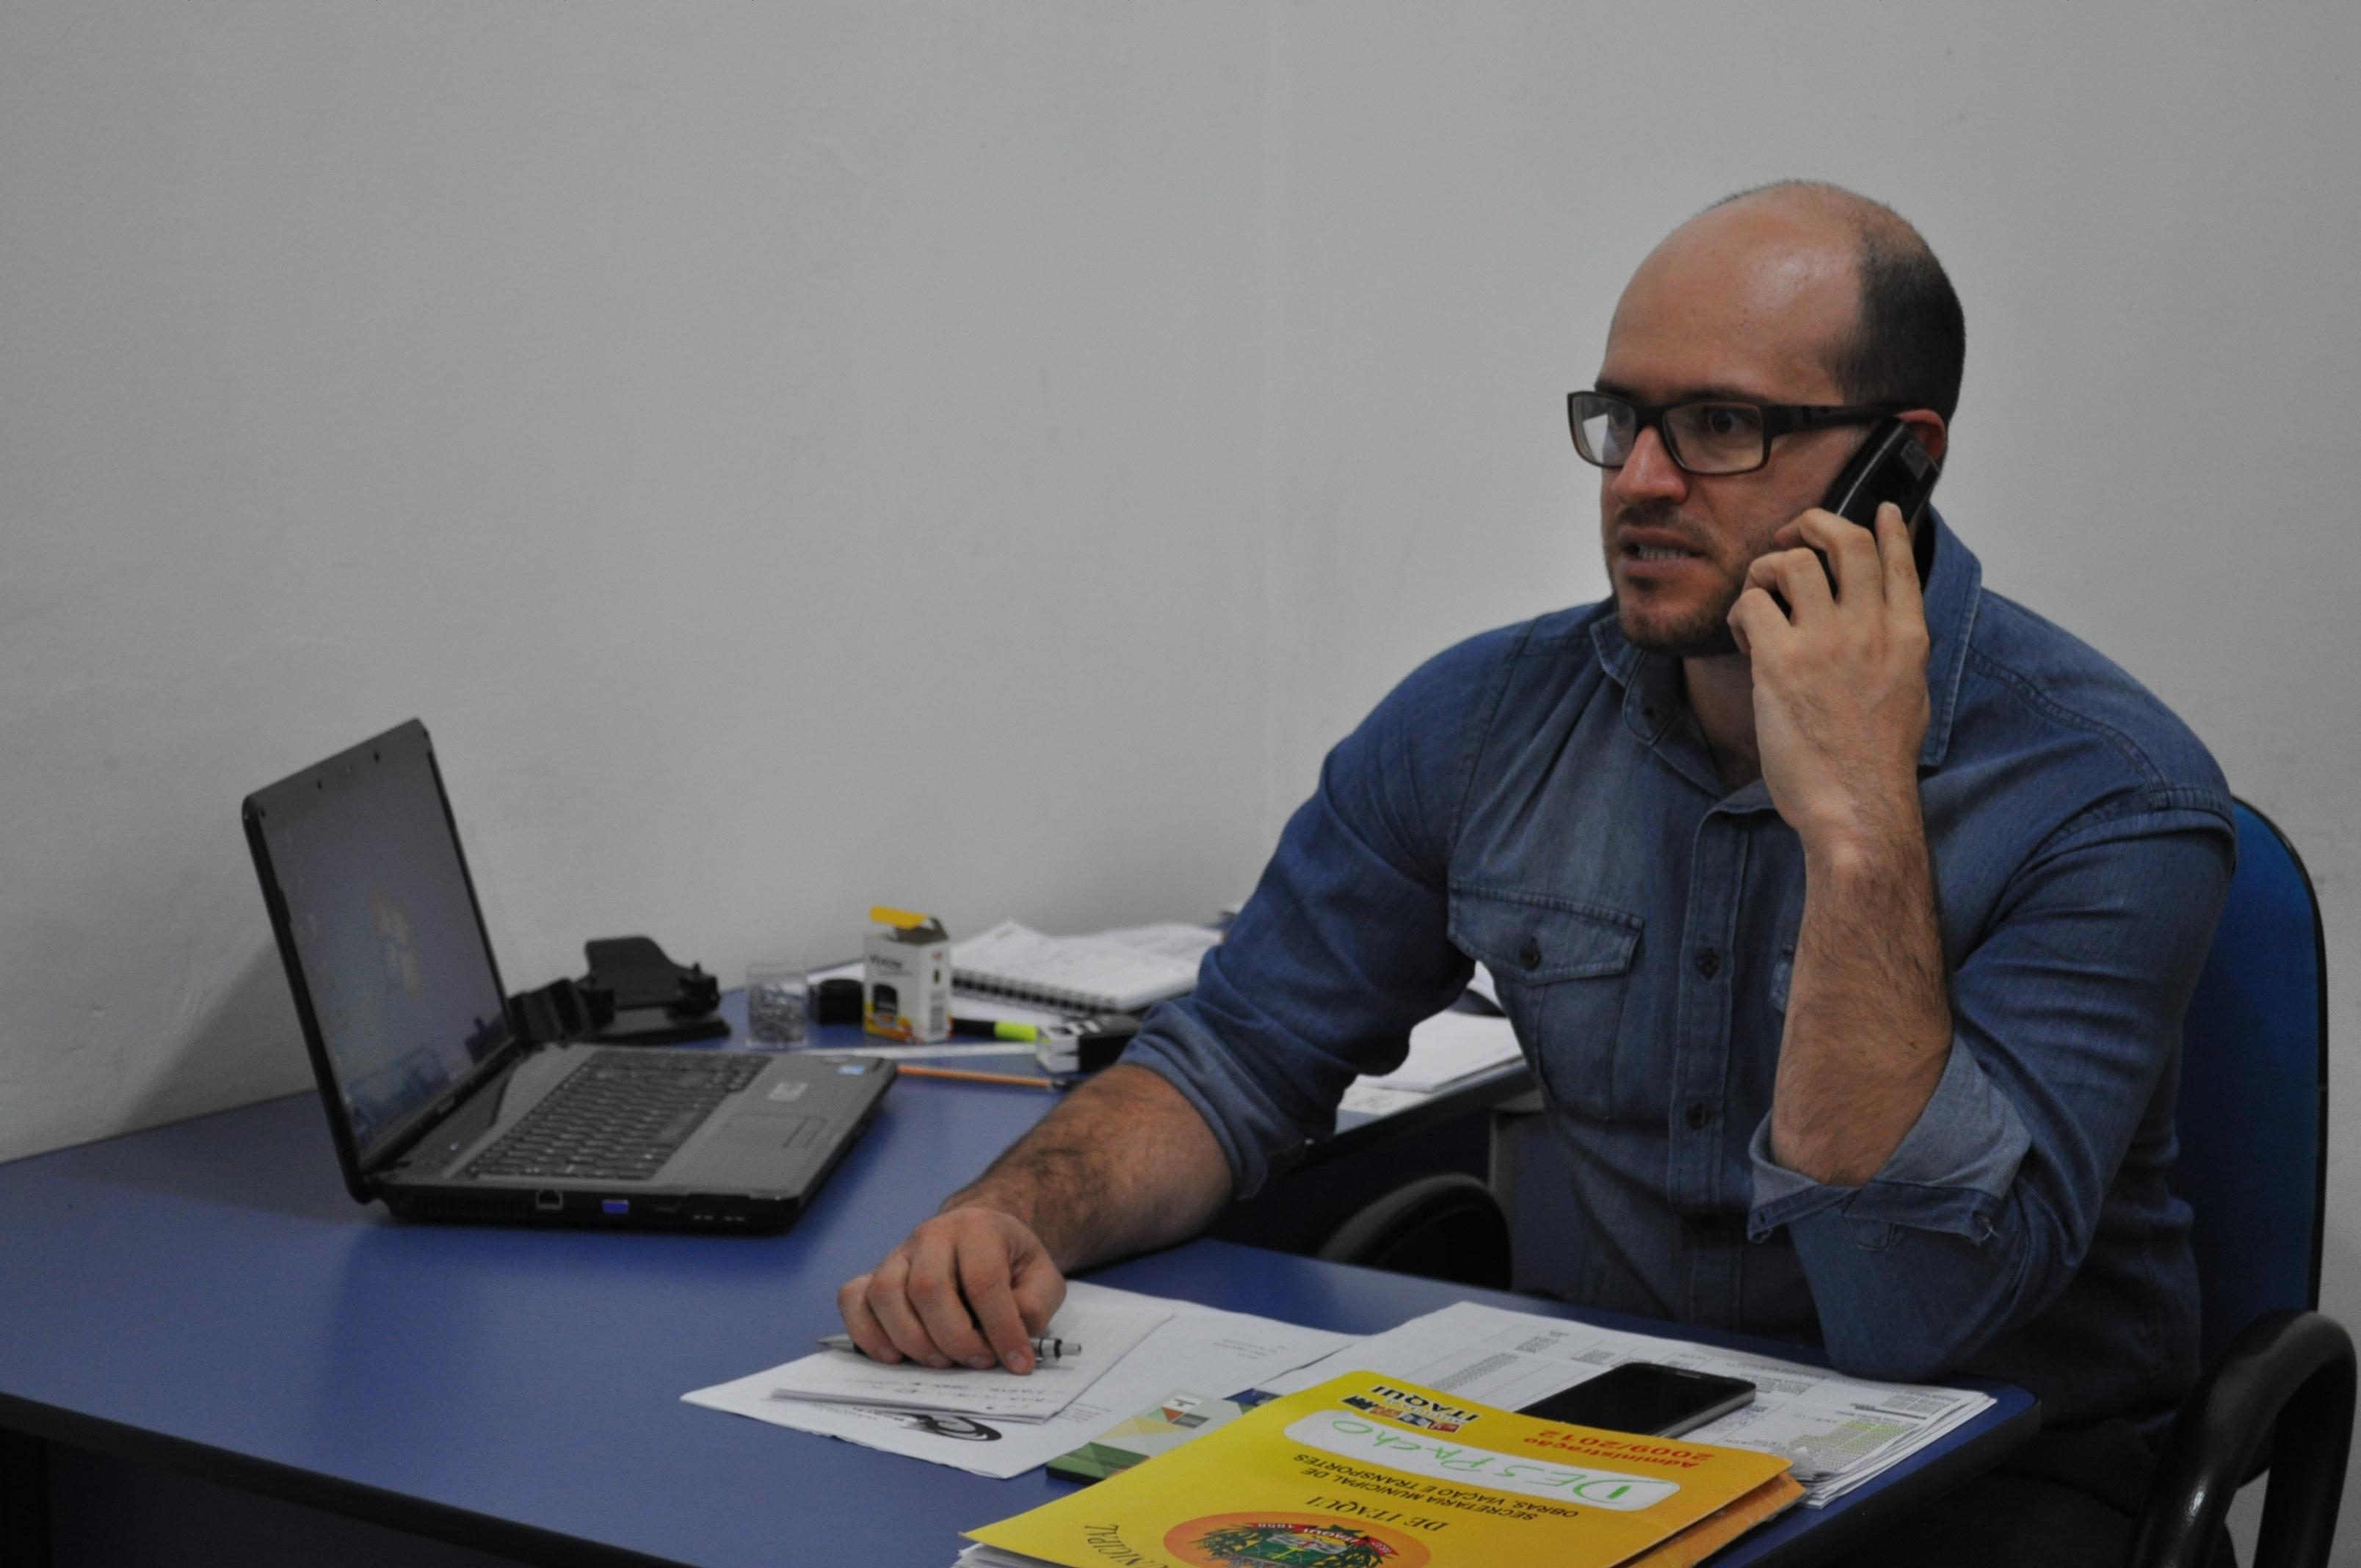 Secretário da Administração Fabiano Virgili cuida de 12 departamentos dentro da atual conjuntura do Executivo.